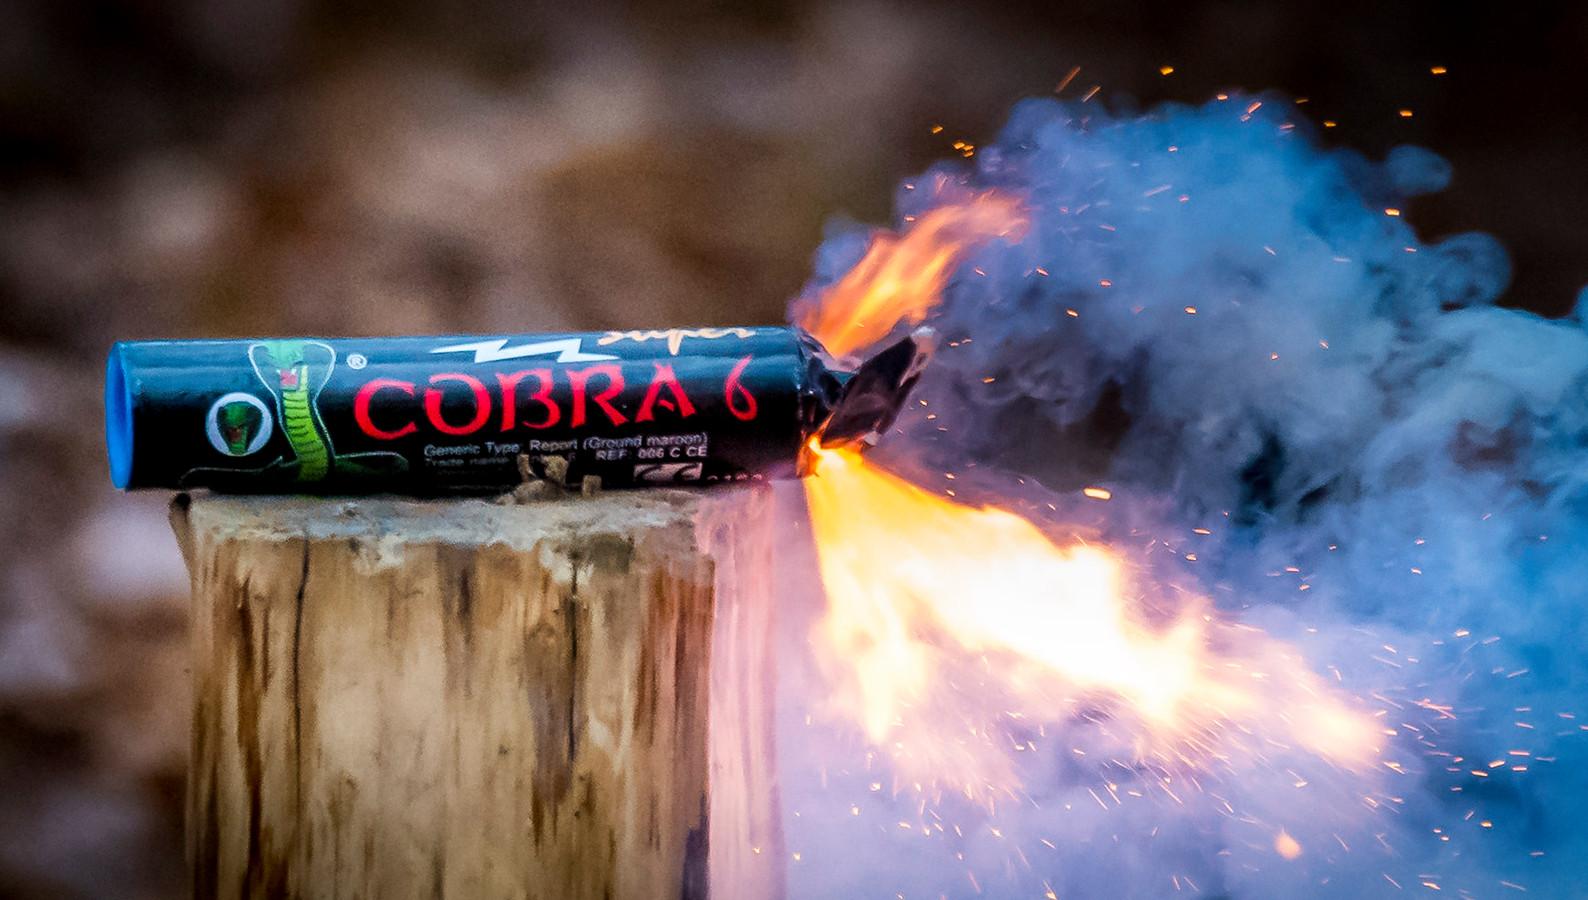 De Cobra 6. Dit type vuurwerk is verkrijgbaar in veel Europese landen, maar verboden in Nederland.